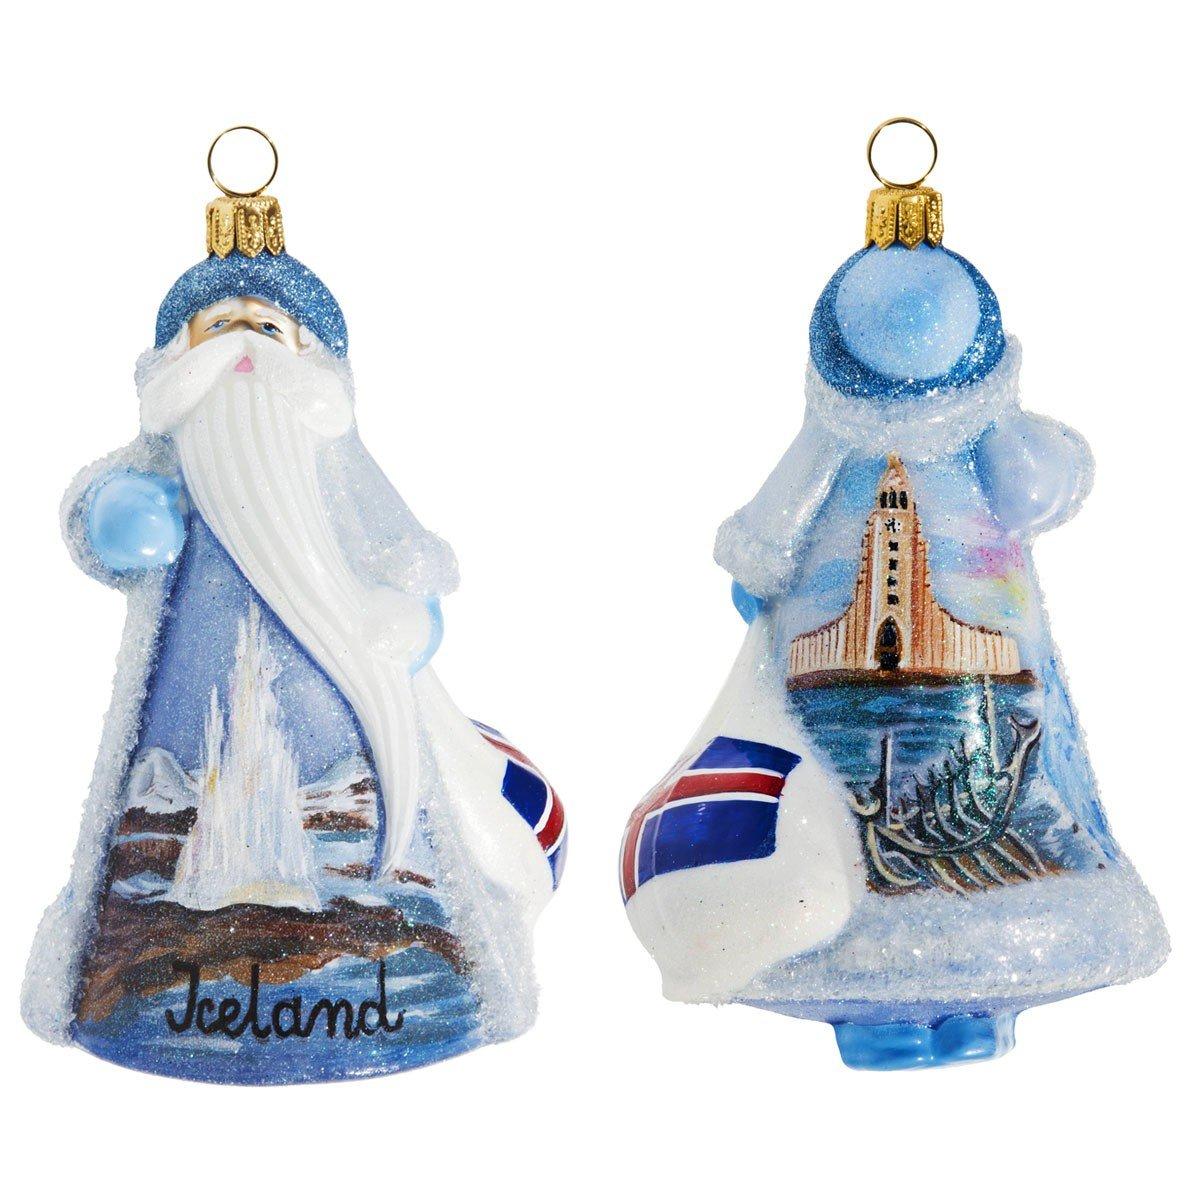 Amazon.com: Glitterazzi International Iceland Santa: Home & Kitchen